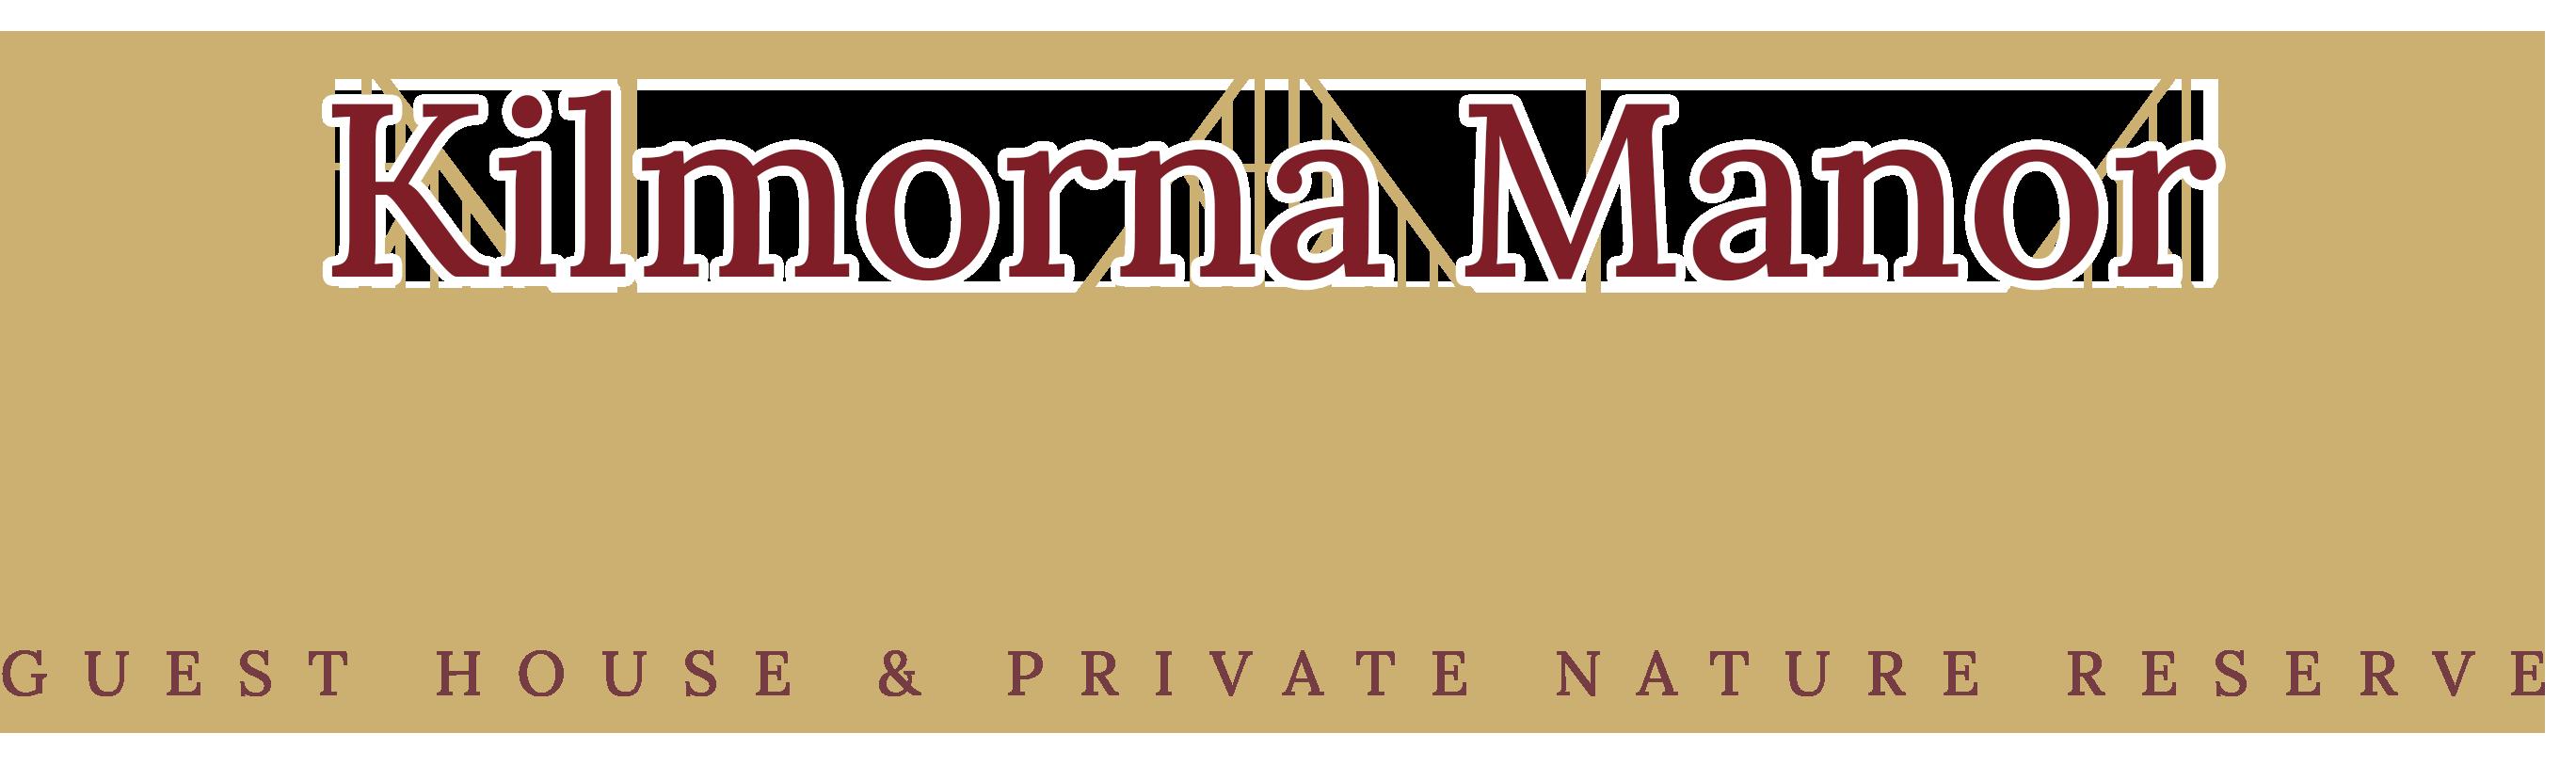 Kilmorna Manor Logo